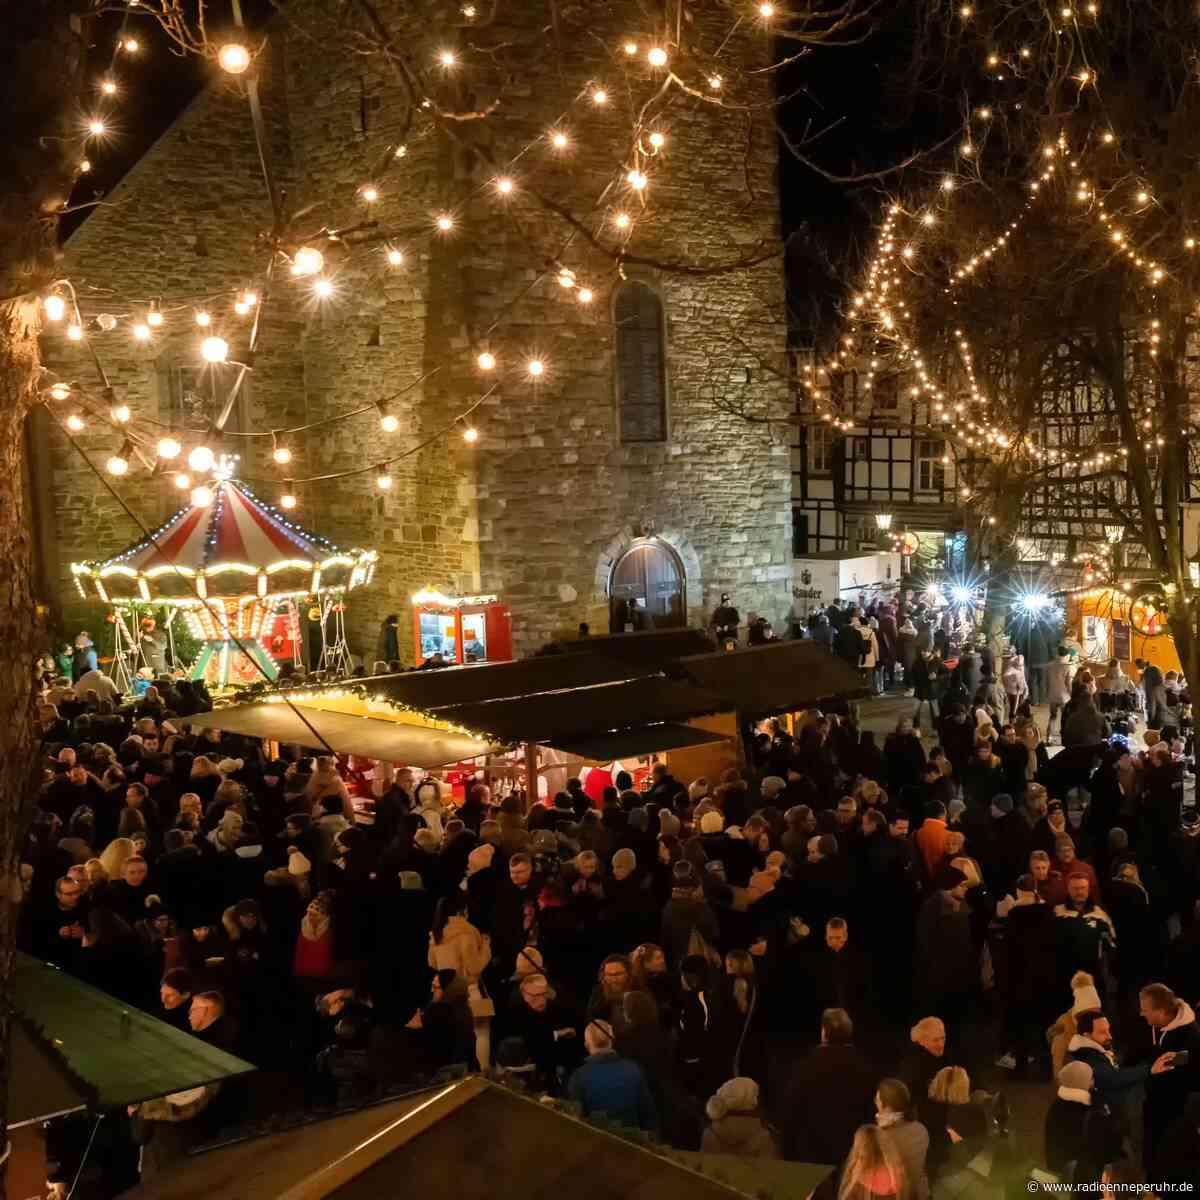 Hattingen Marketing rechnet mit Weihnachtsmarkt 2021 - Radio Ennepe Ruhr